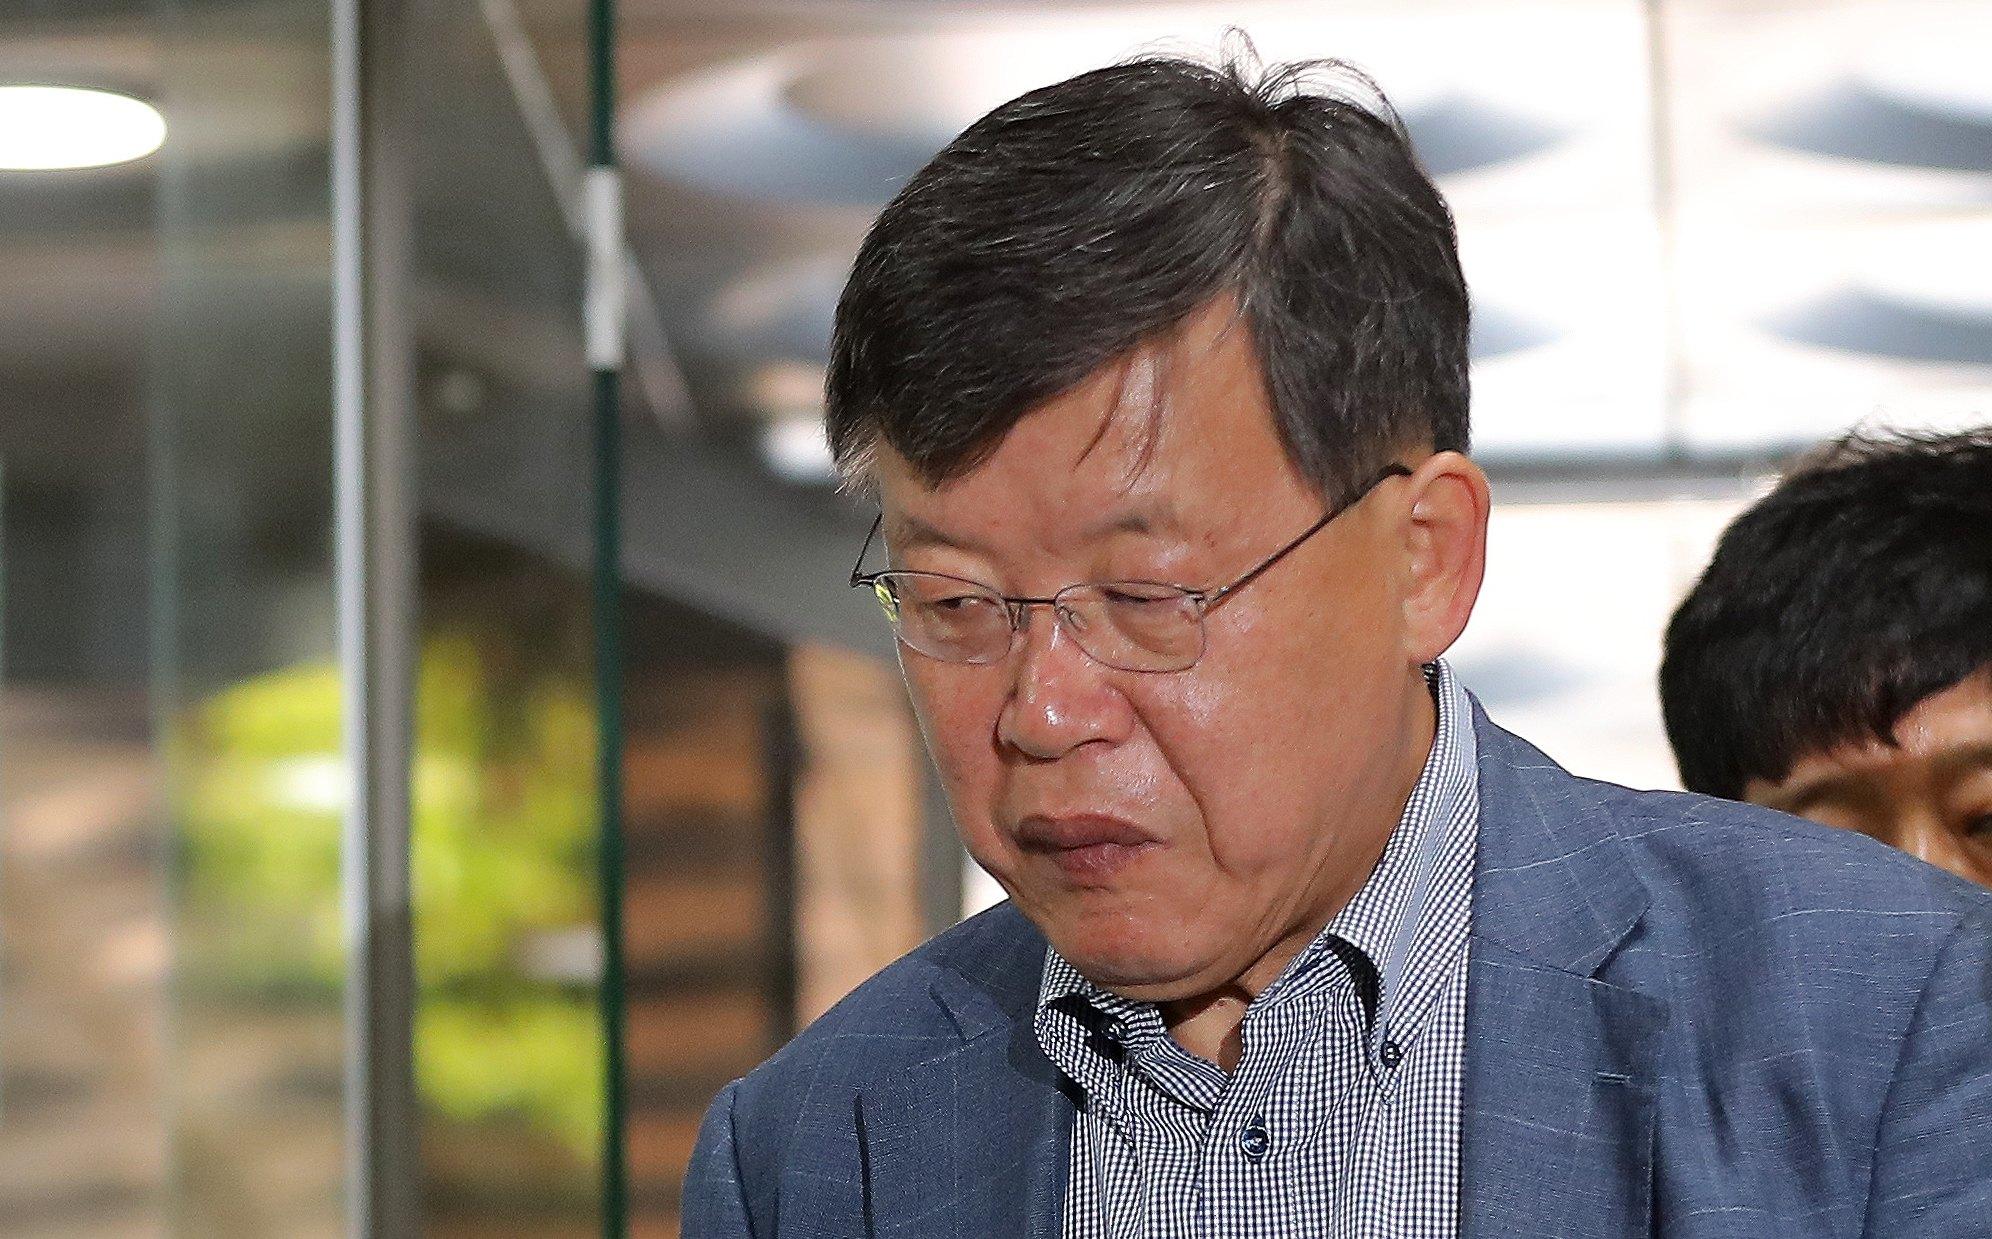 '노조와해 의혹' 활동에 관여한 혐의를 받는 박상범 전 삼성전자서비스 대표가 지난 31일 오전 서울 서초구 서울중앙지법에서 열린 영장실질심사에 출석하고 있다. [뉴스1]